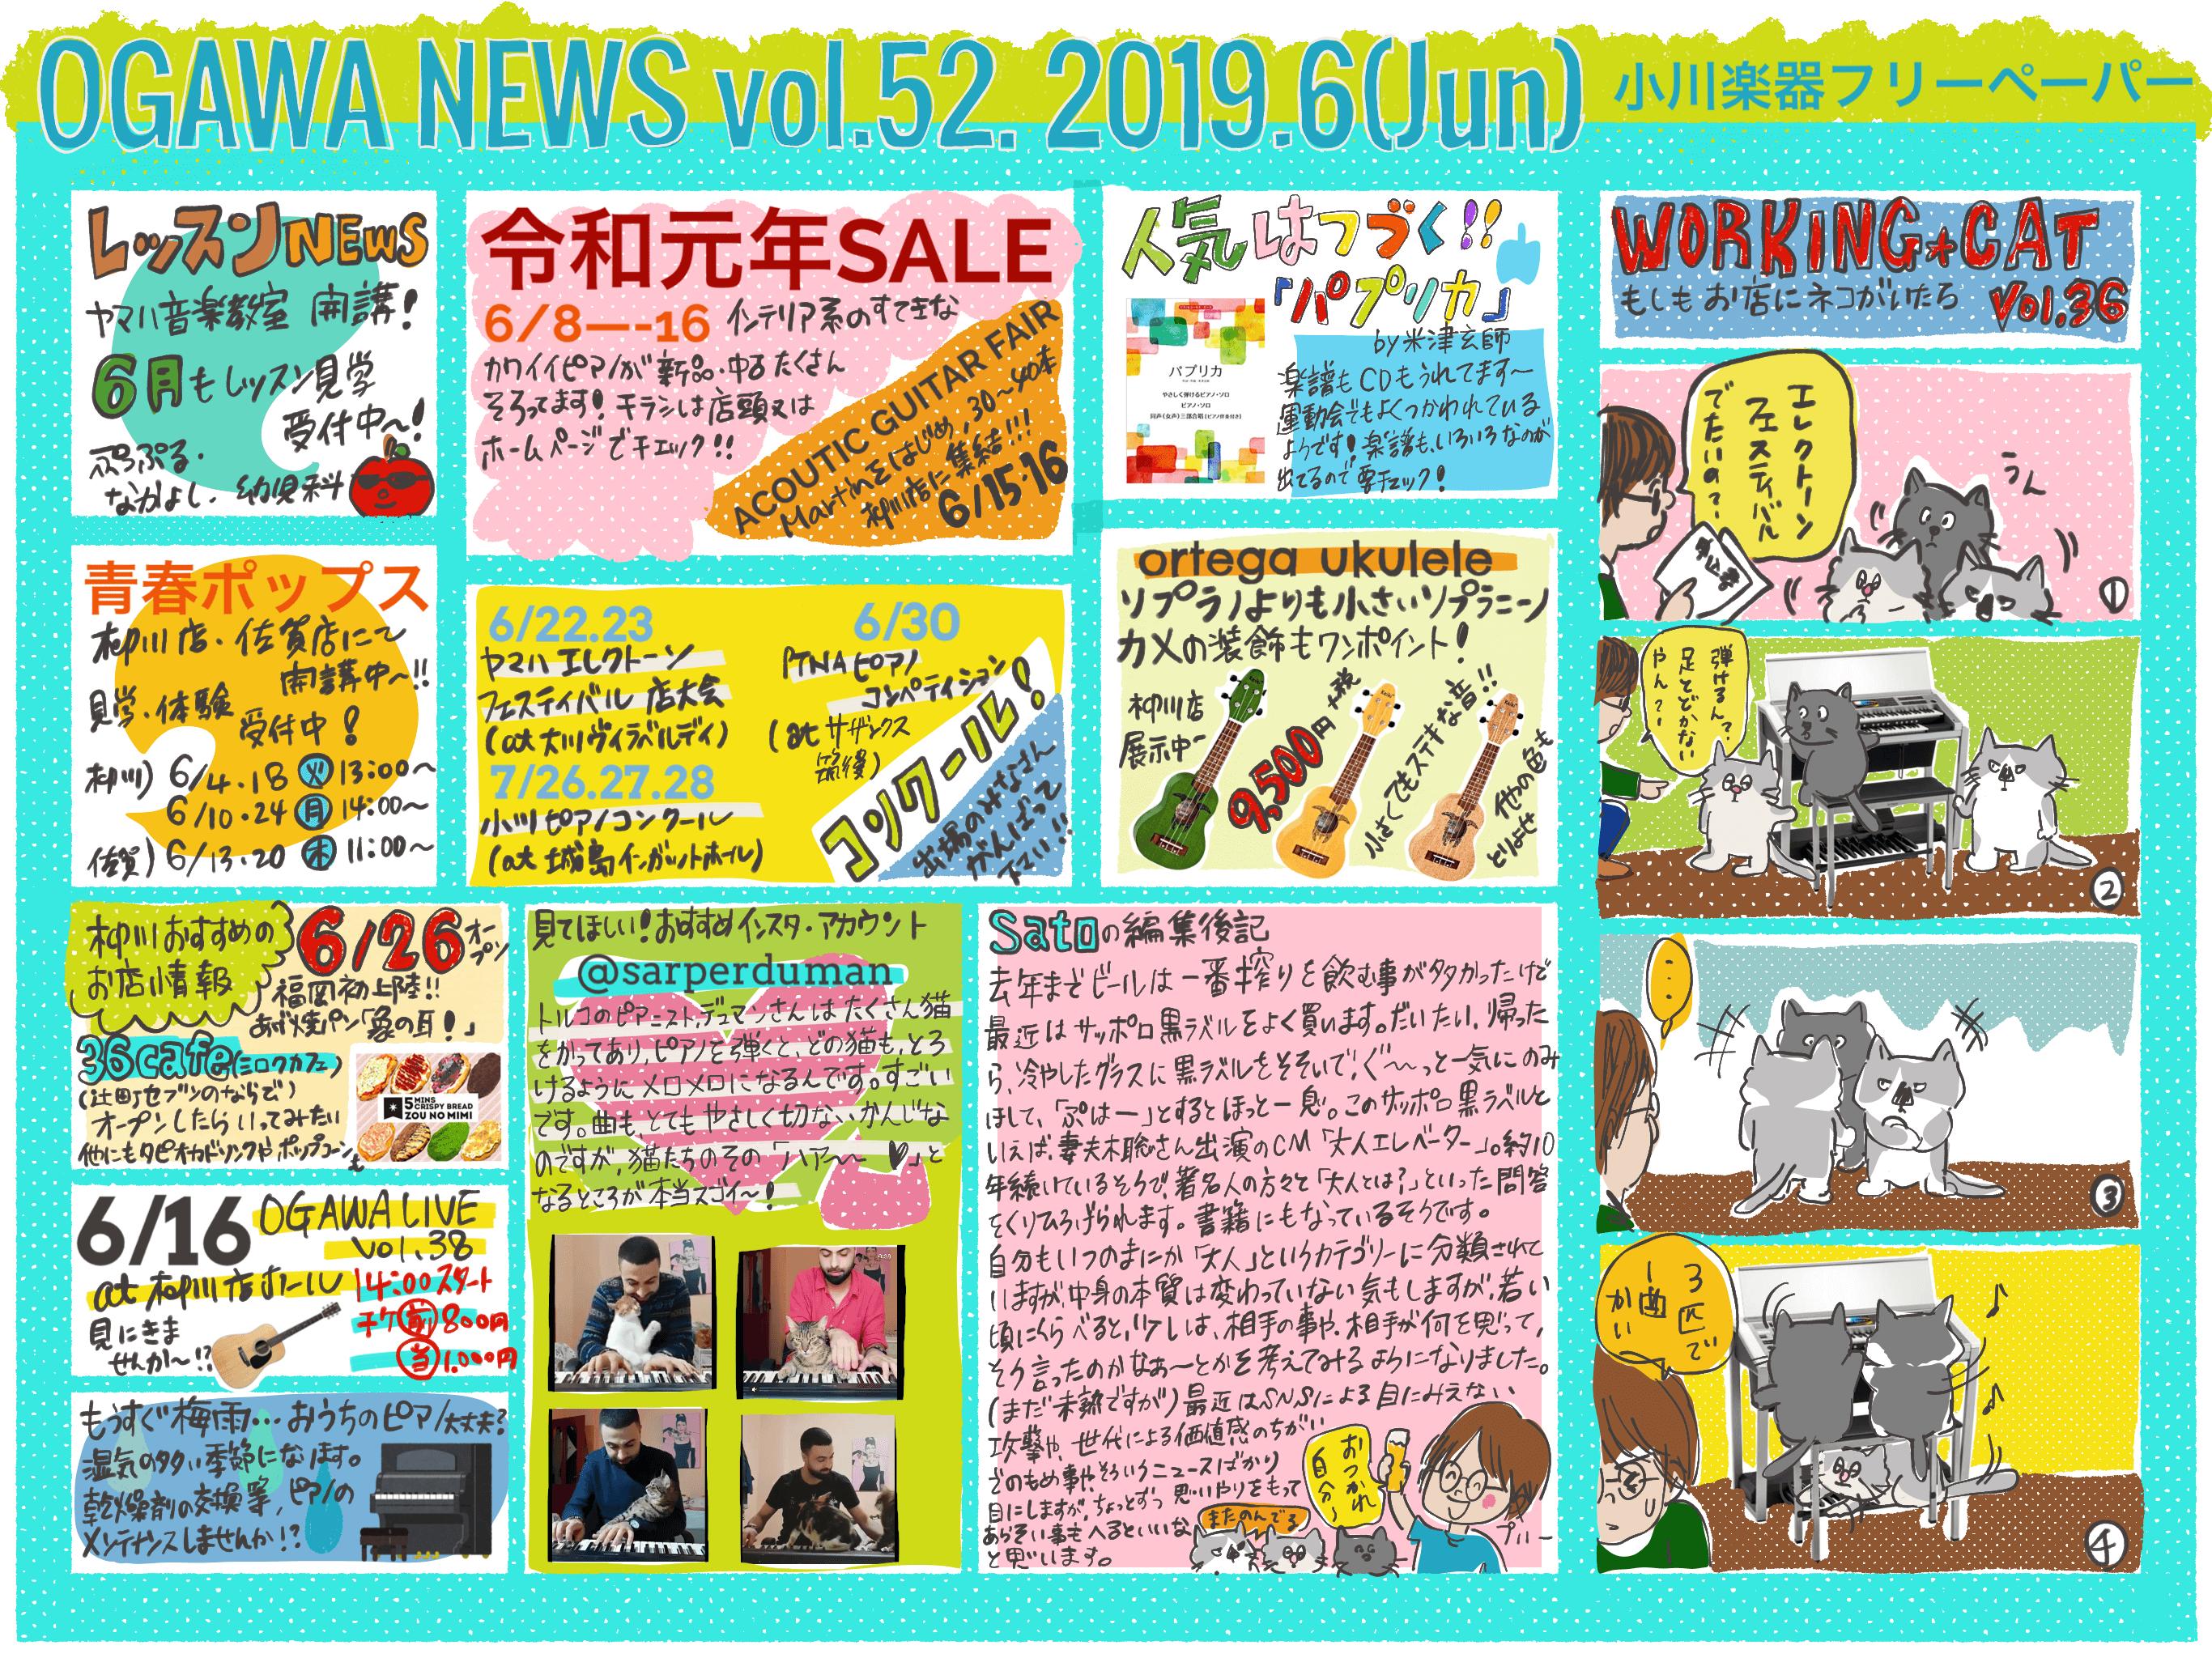 【柳川・佐賀店フリーペーパー】vol.52 2019年6月号